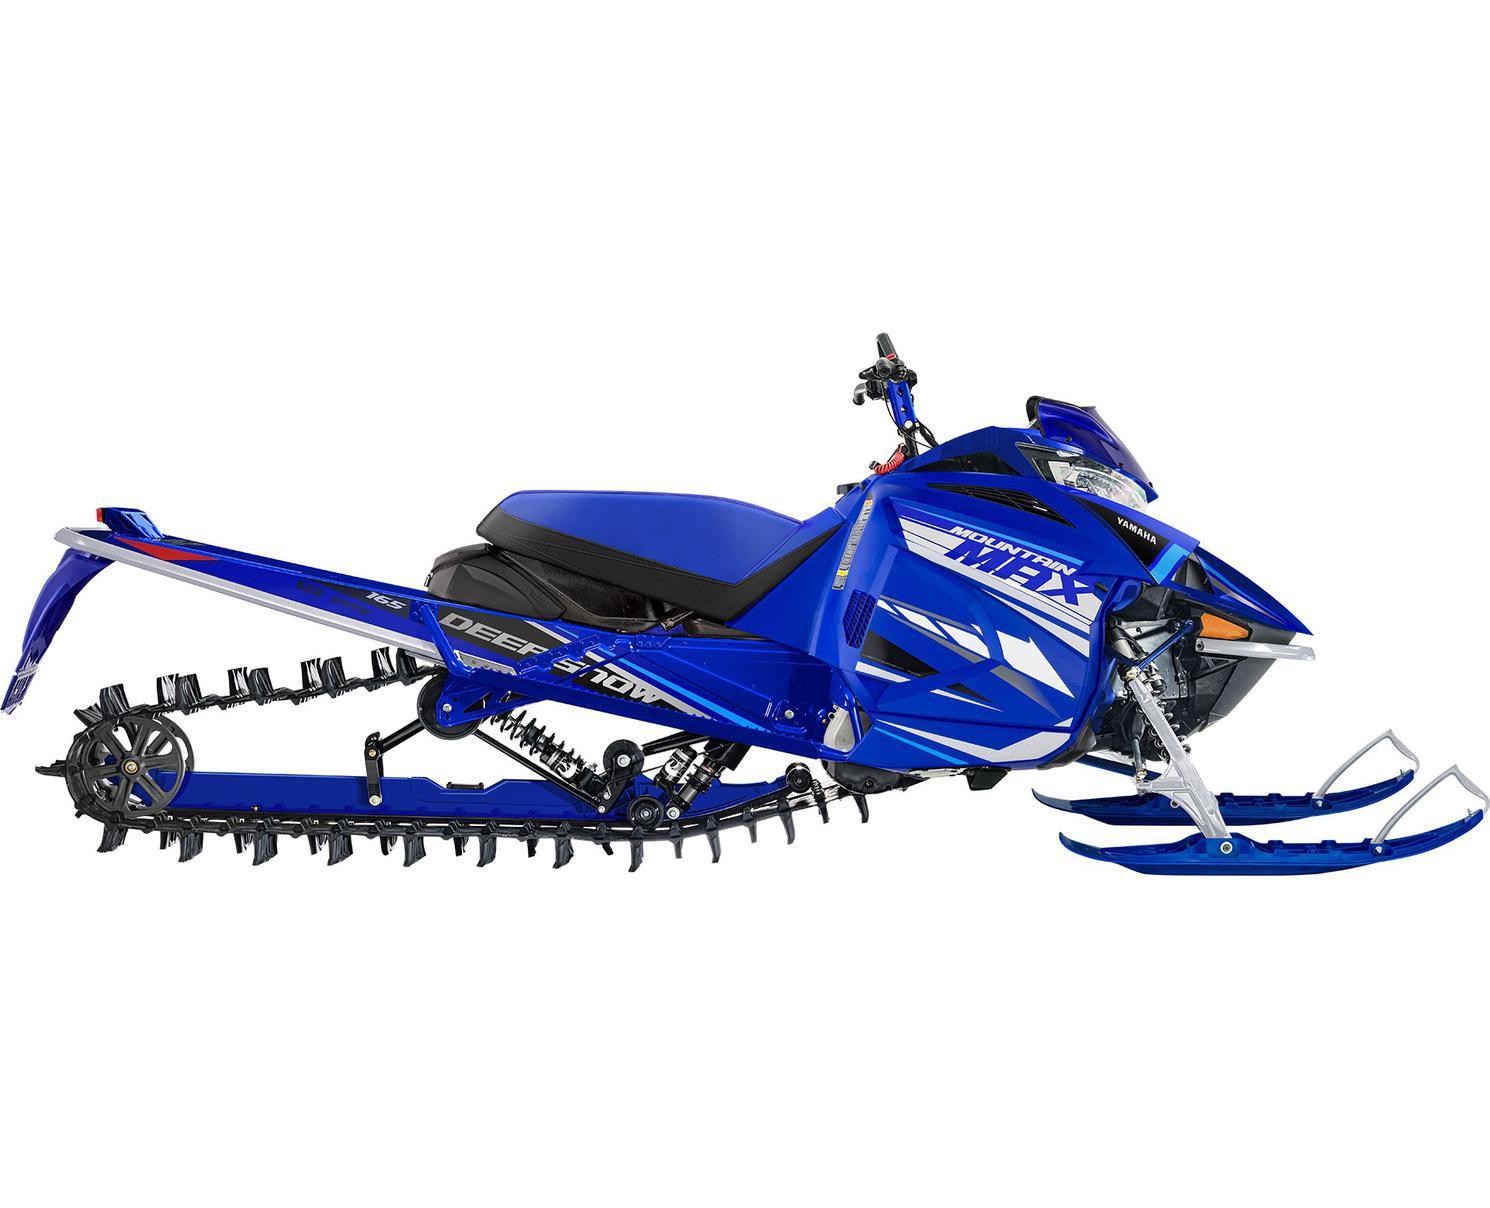 Yamaha Mountain Max LE 165 Bleu Yamaha De Compétition 2021